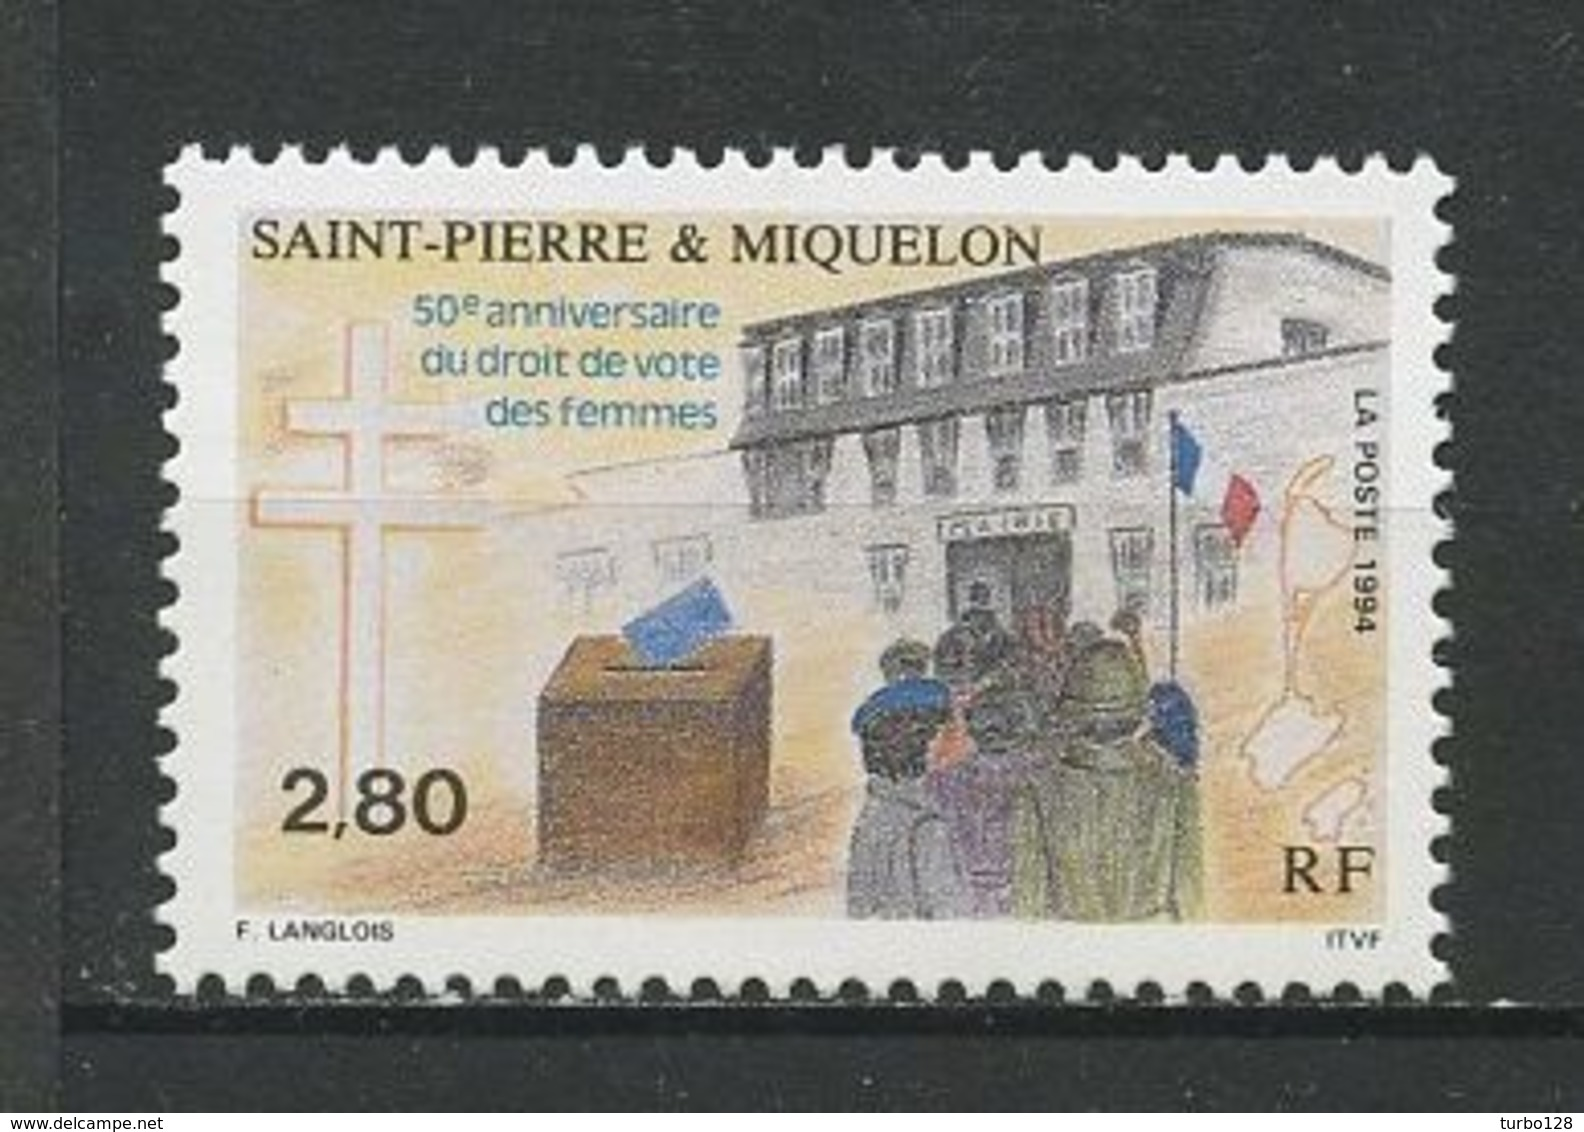 SPM MIQUELON 1994 N° 597 ** Neuf MNH Superbe C 1.65 € Droit De Vote Des Femmes Women - St.Pedro Y Miquelon